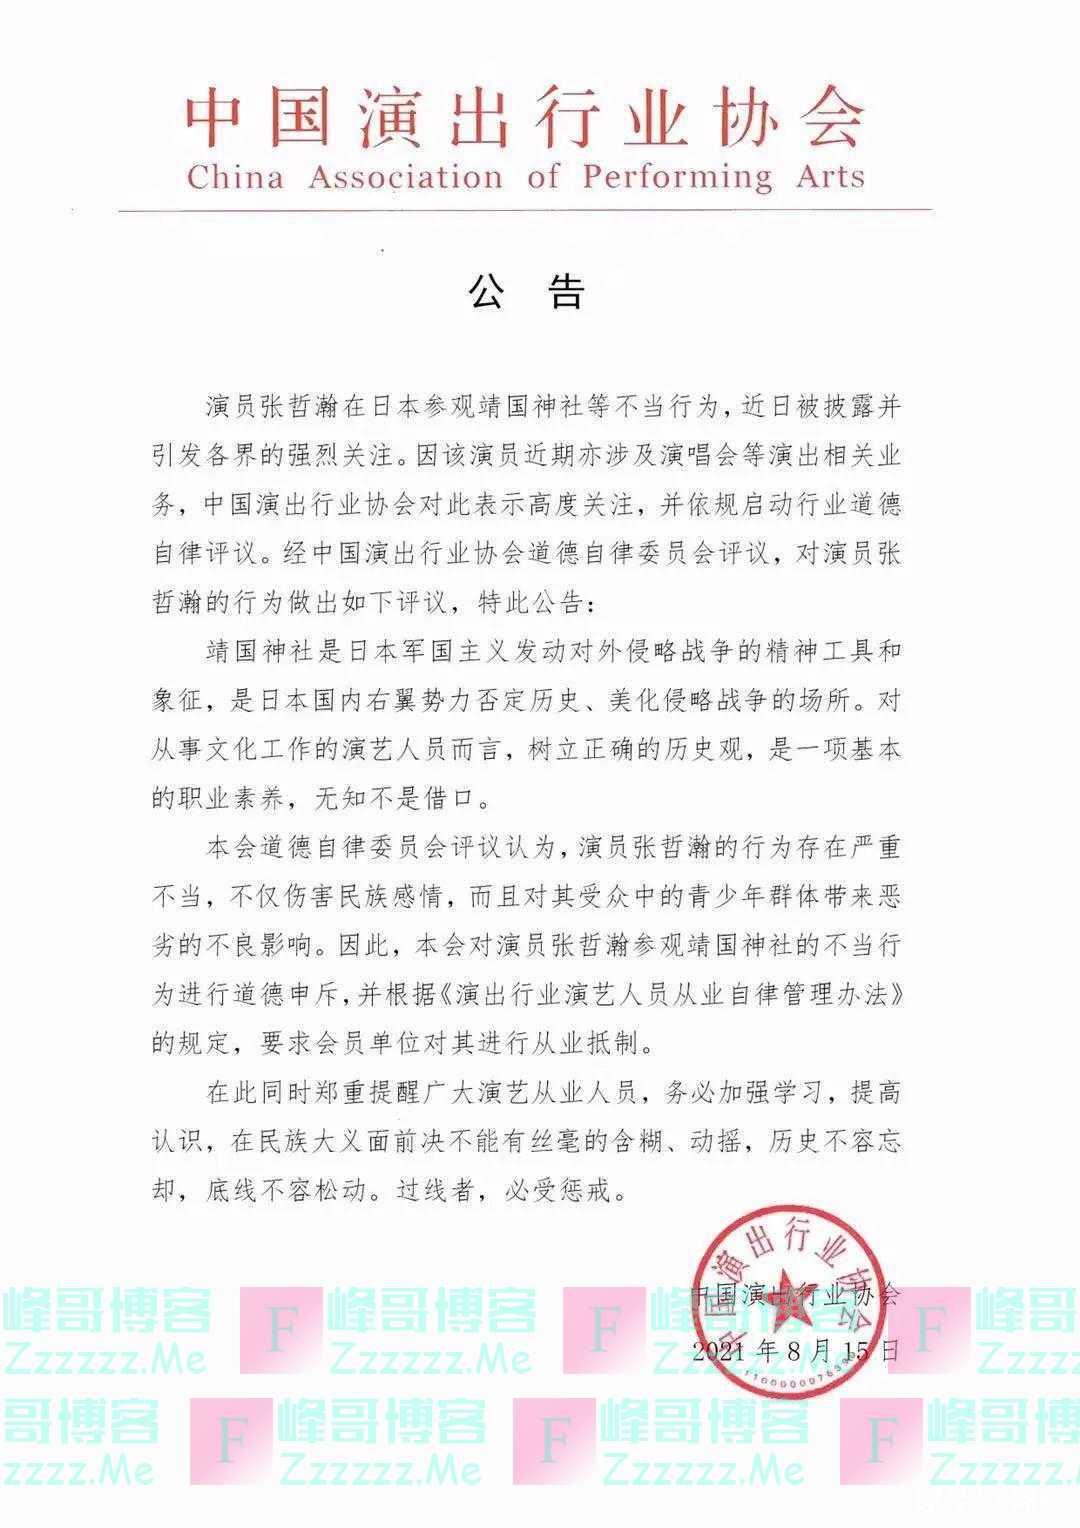 中国演出行业协会:要求会员单位对张哲瀚进行从业抵制